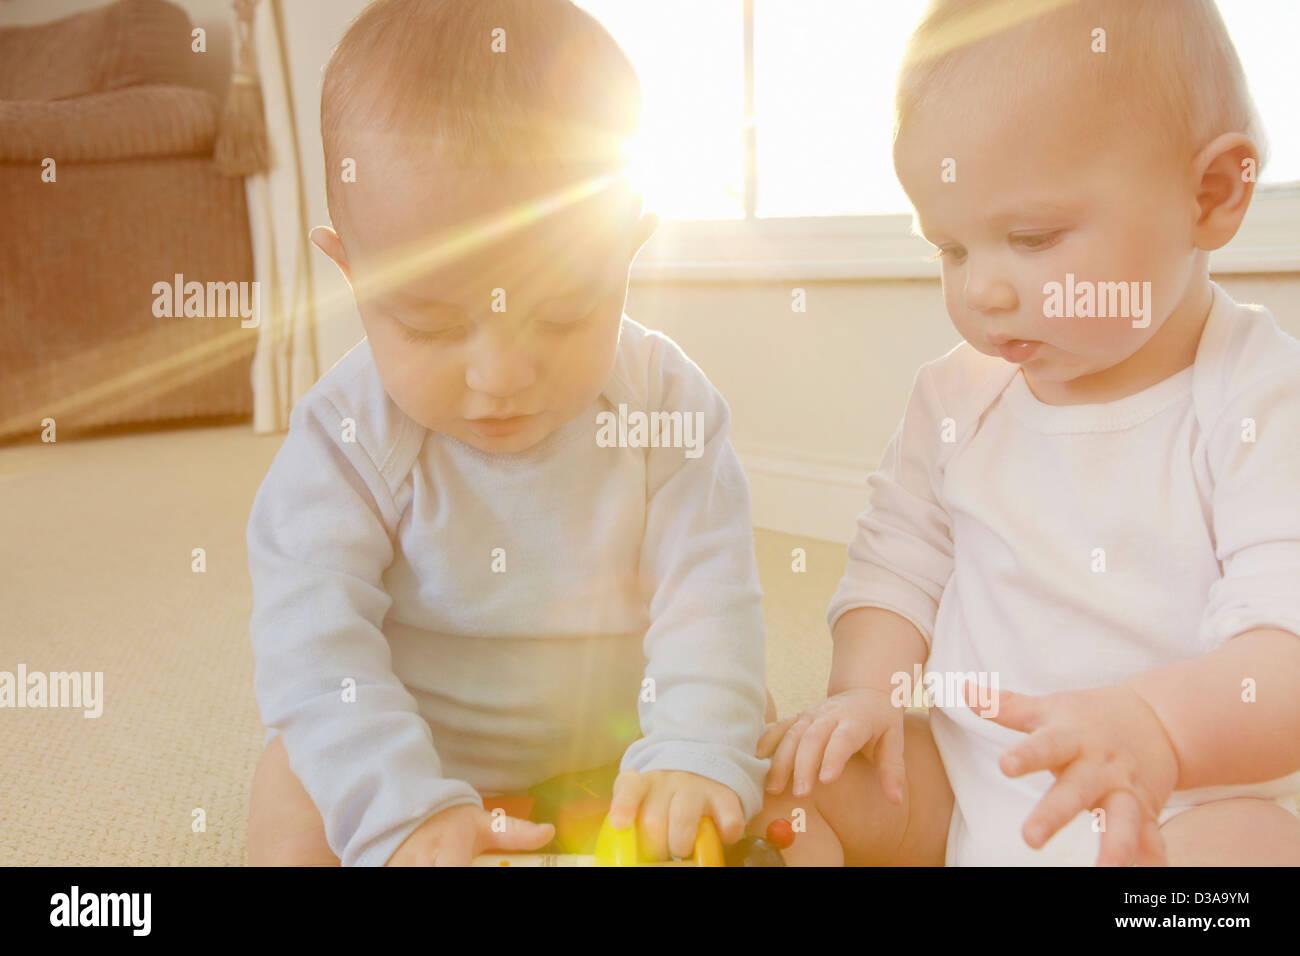 Los bebés jugando con los juguetes Foto de stock